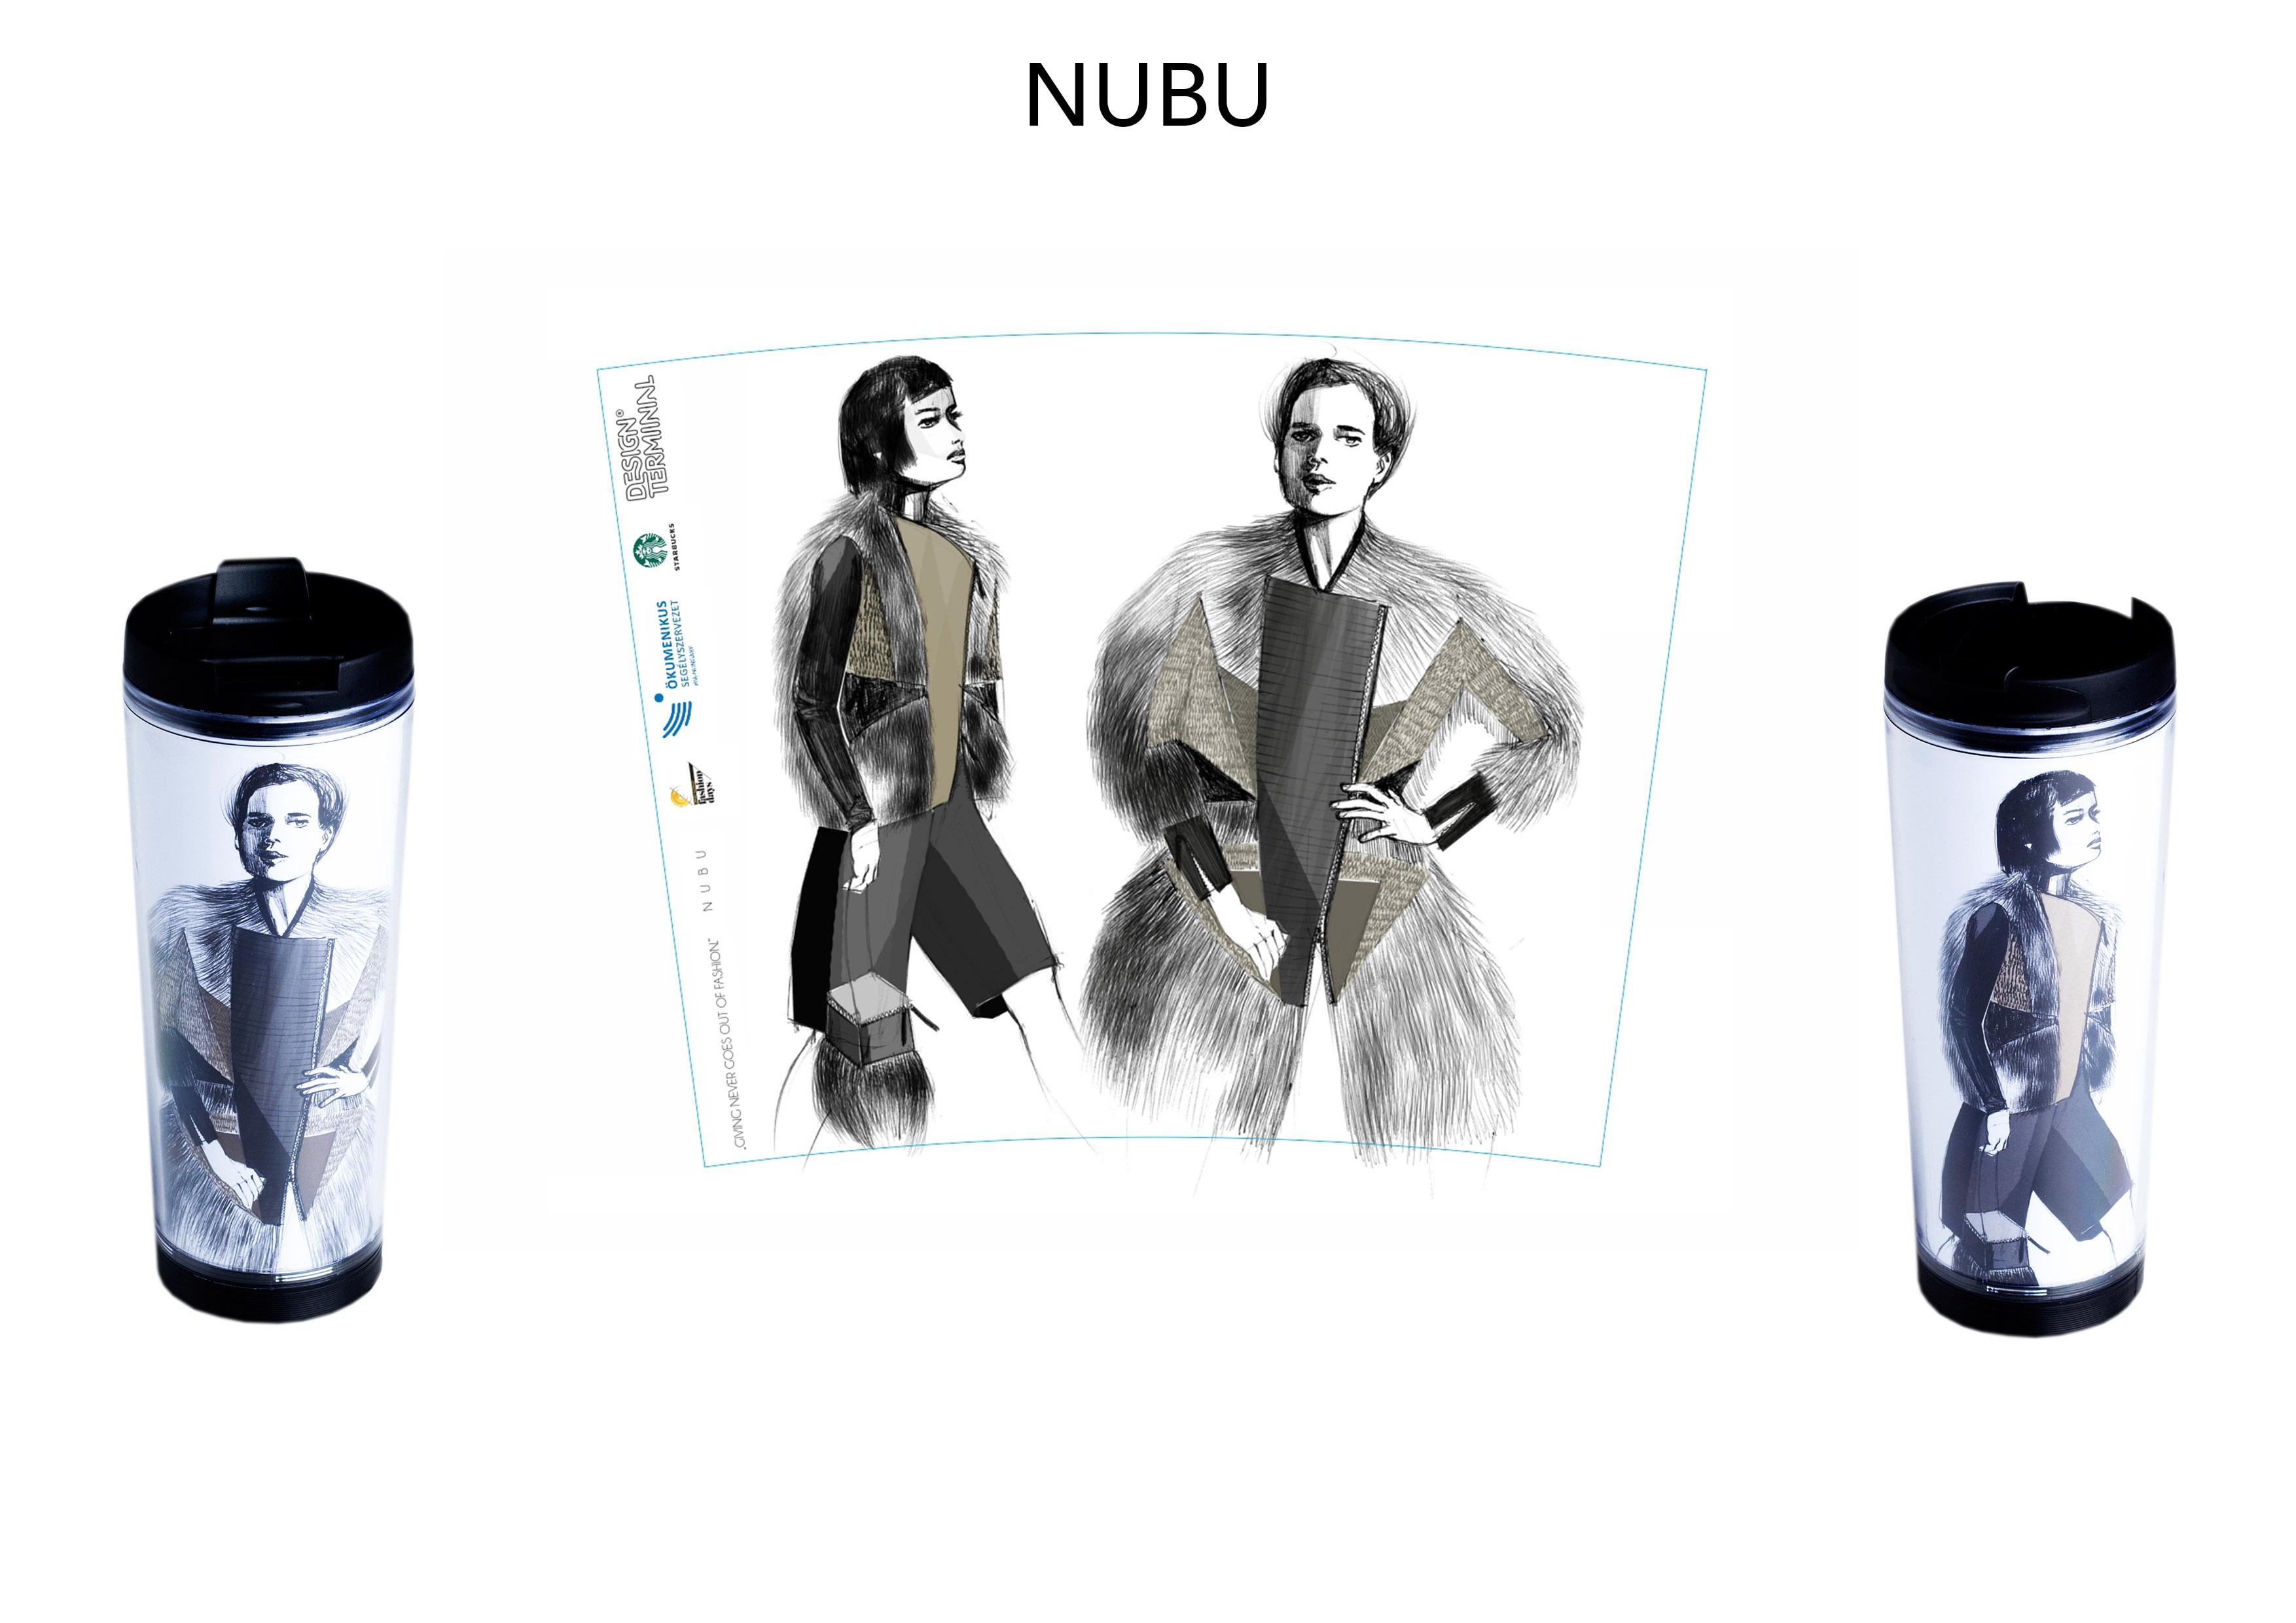 Stb NUBU.jpg